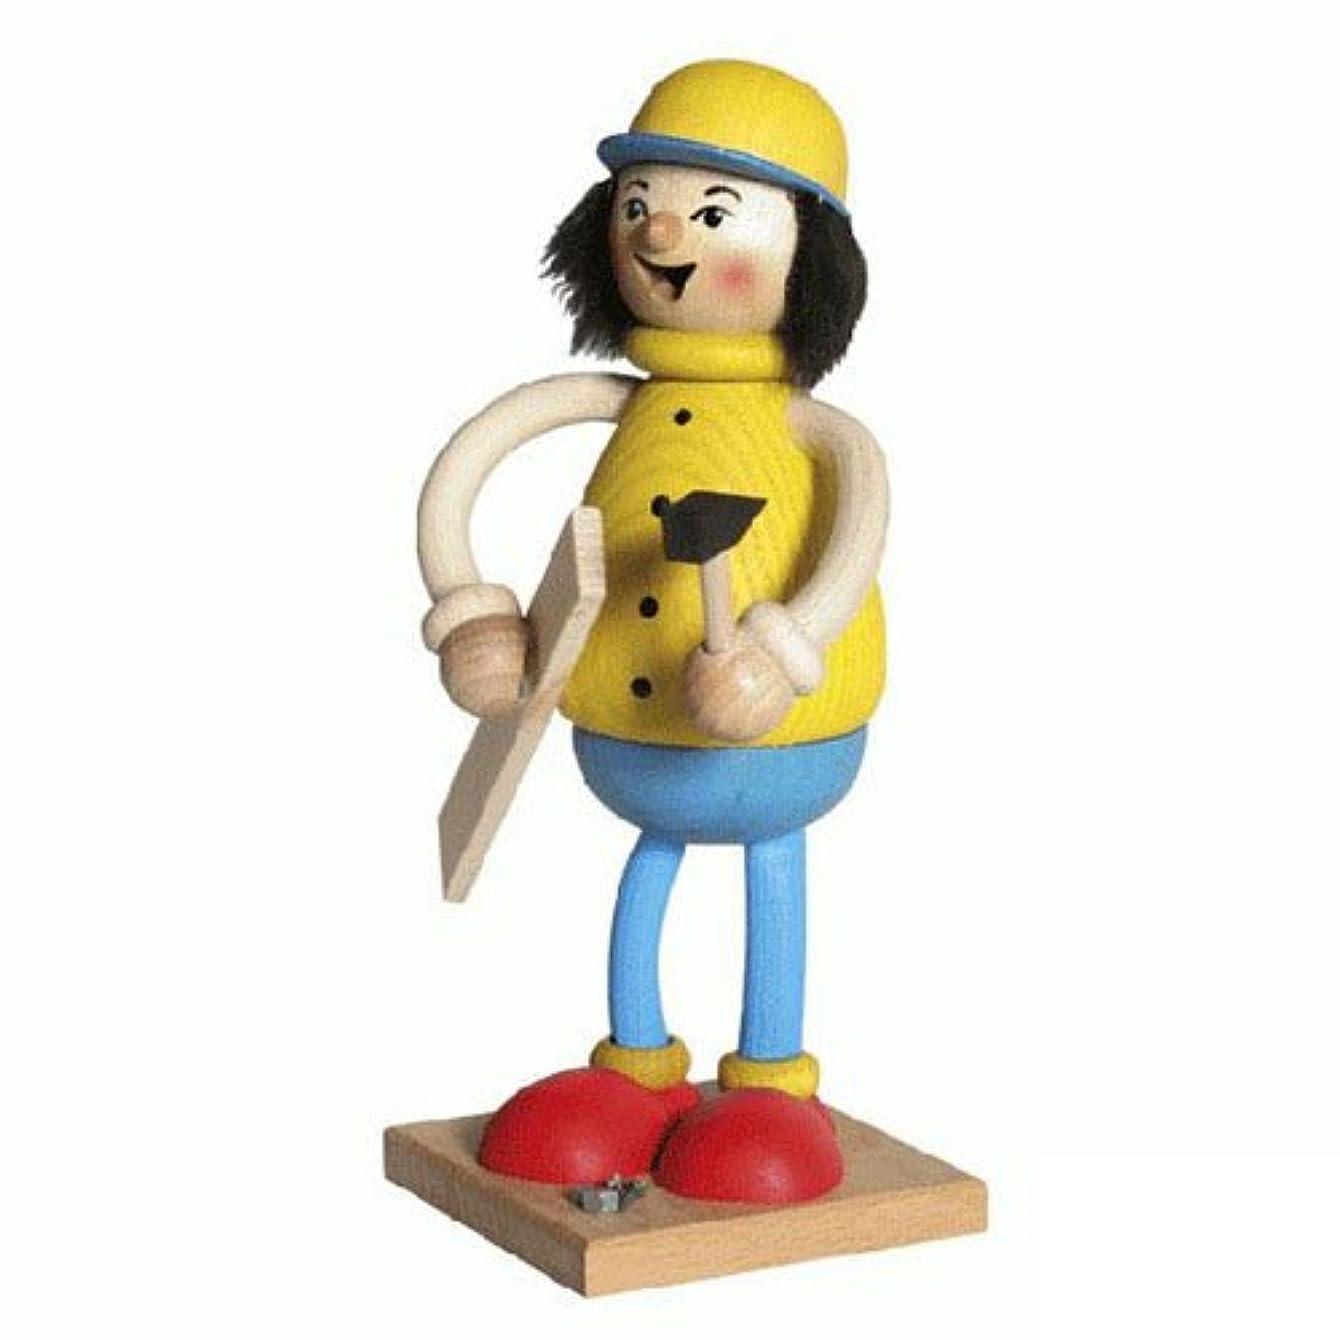 哲学者パーツドーム39096 Kuhnert(クーネルト) ミニパイプ人形香炉 DIY